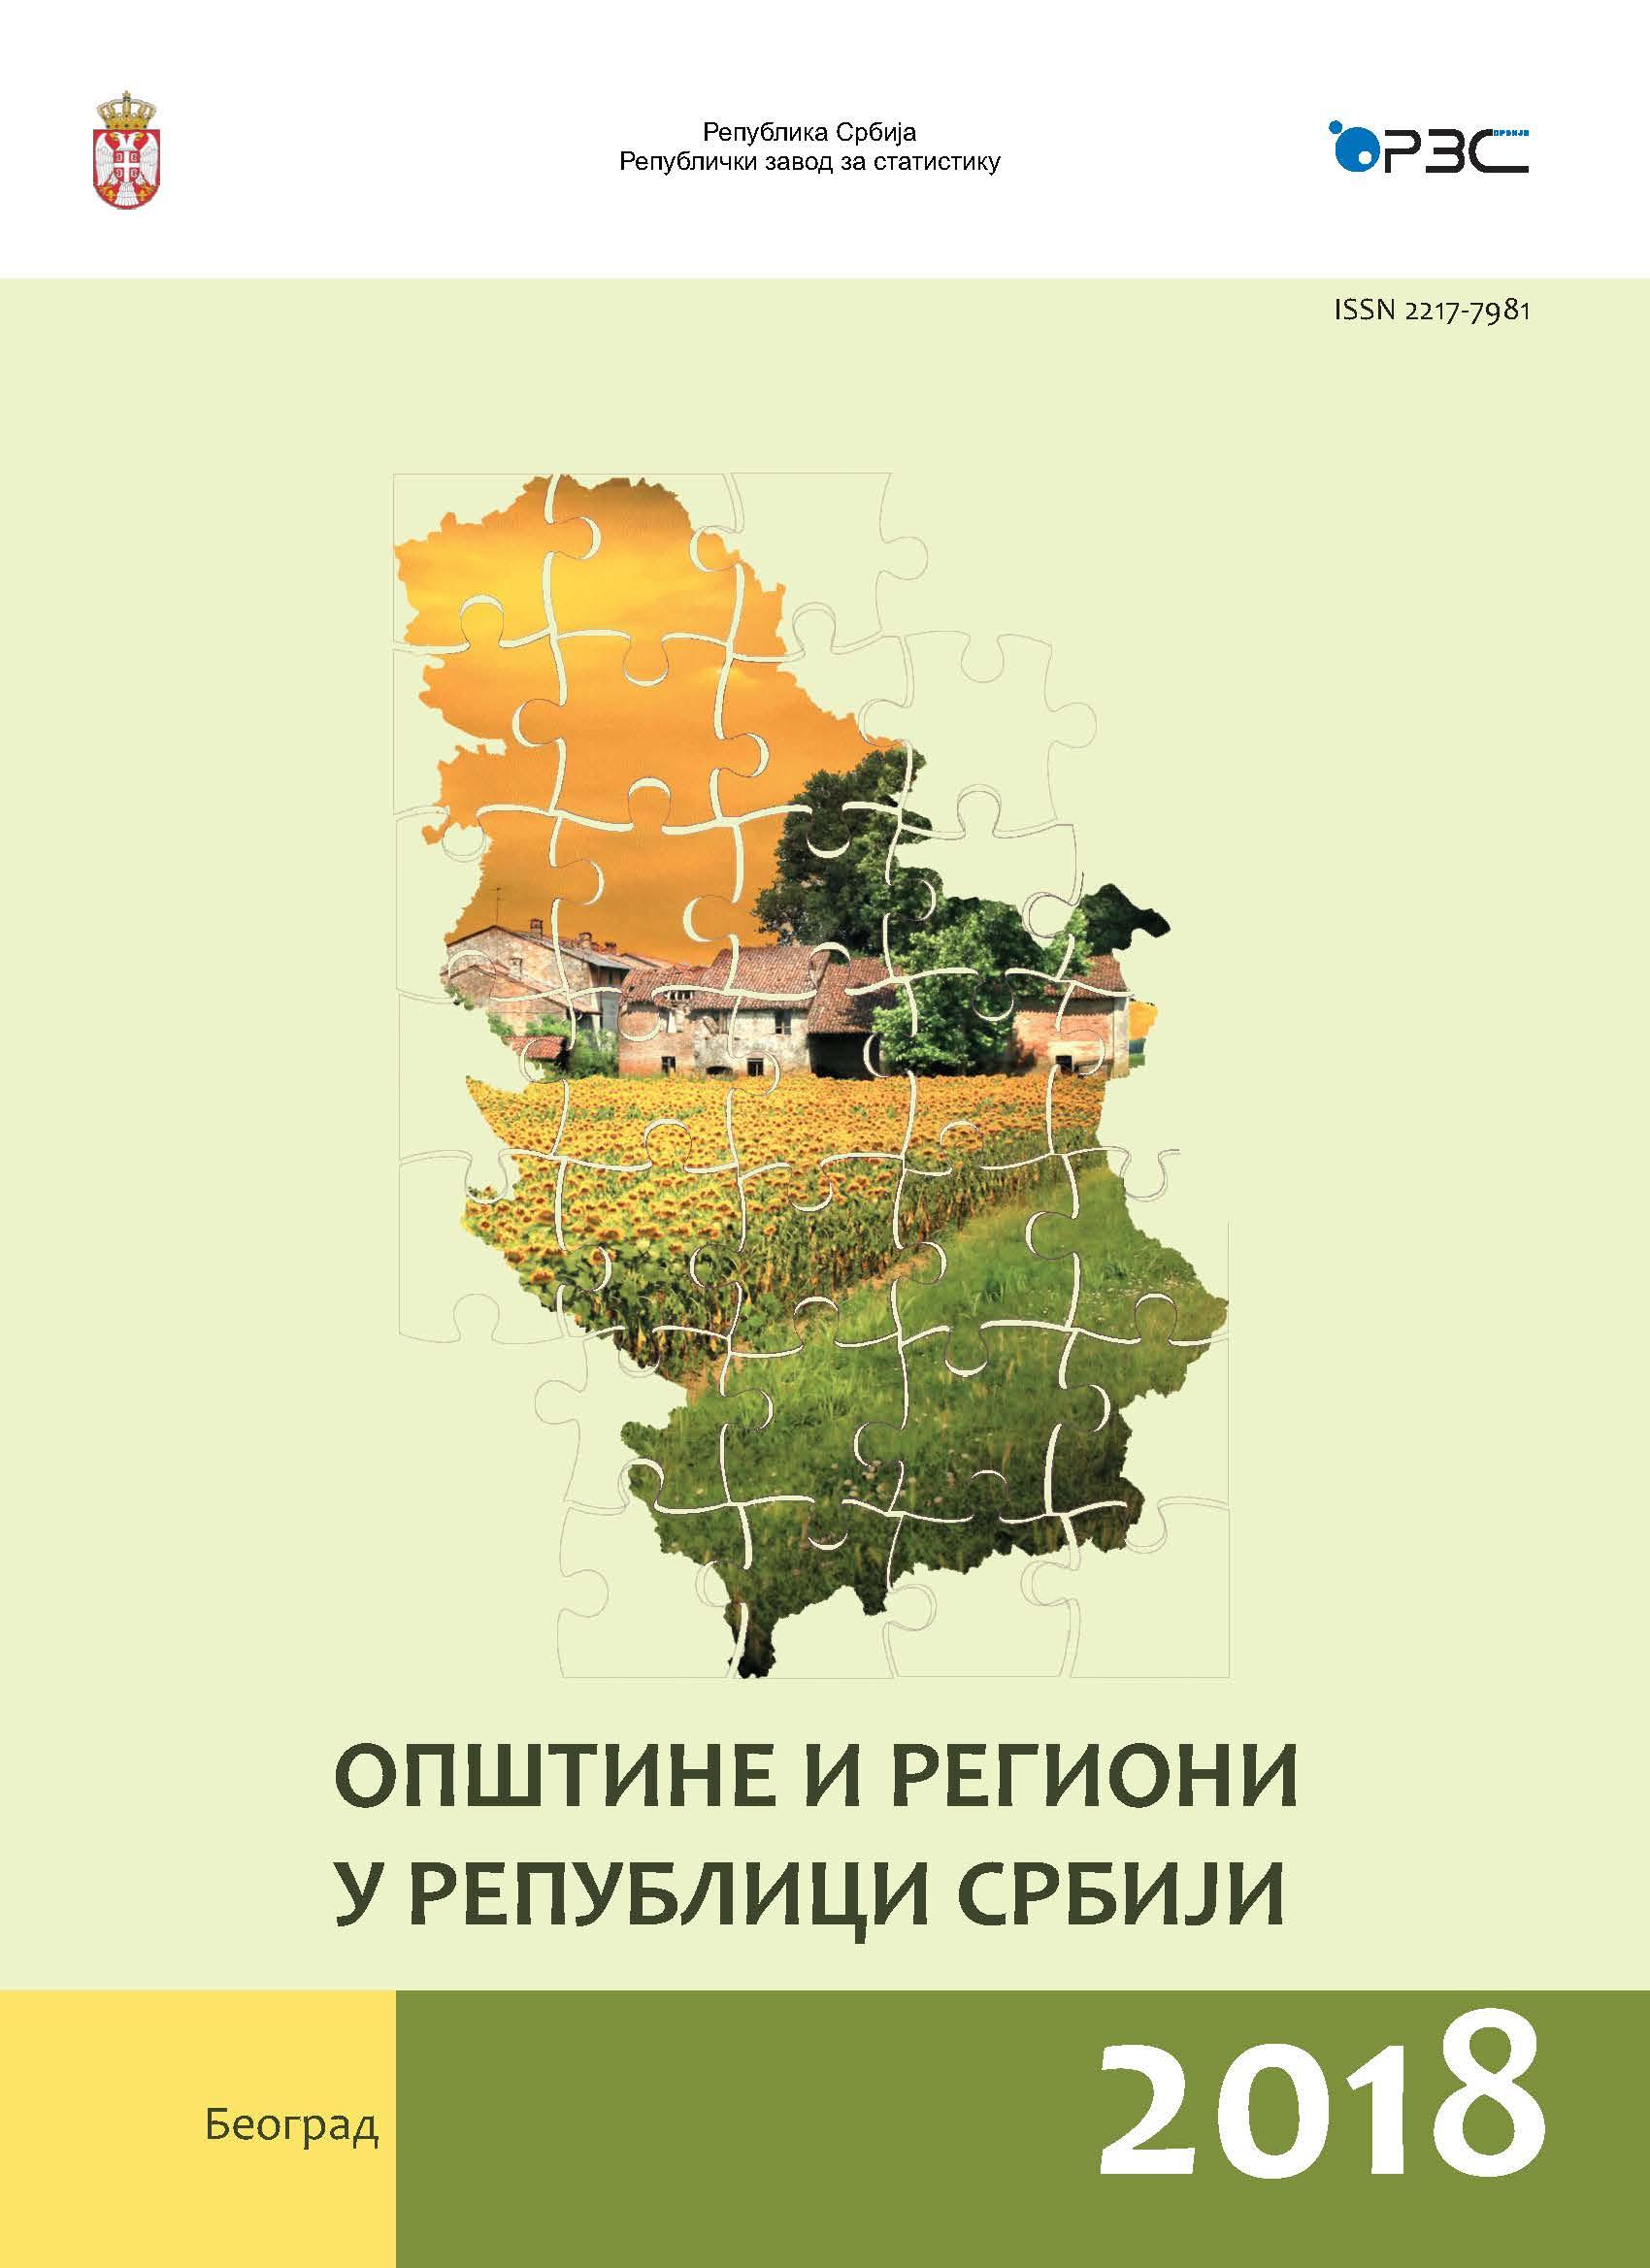 Republicki Zavod Za Statistiku Srbije